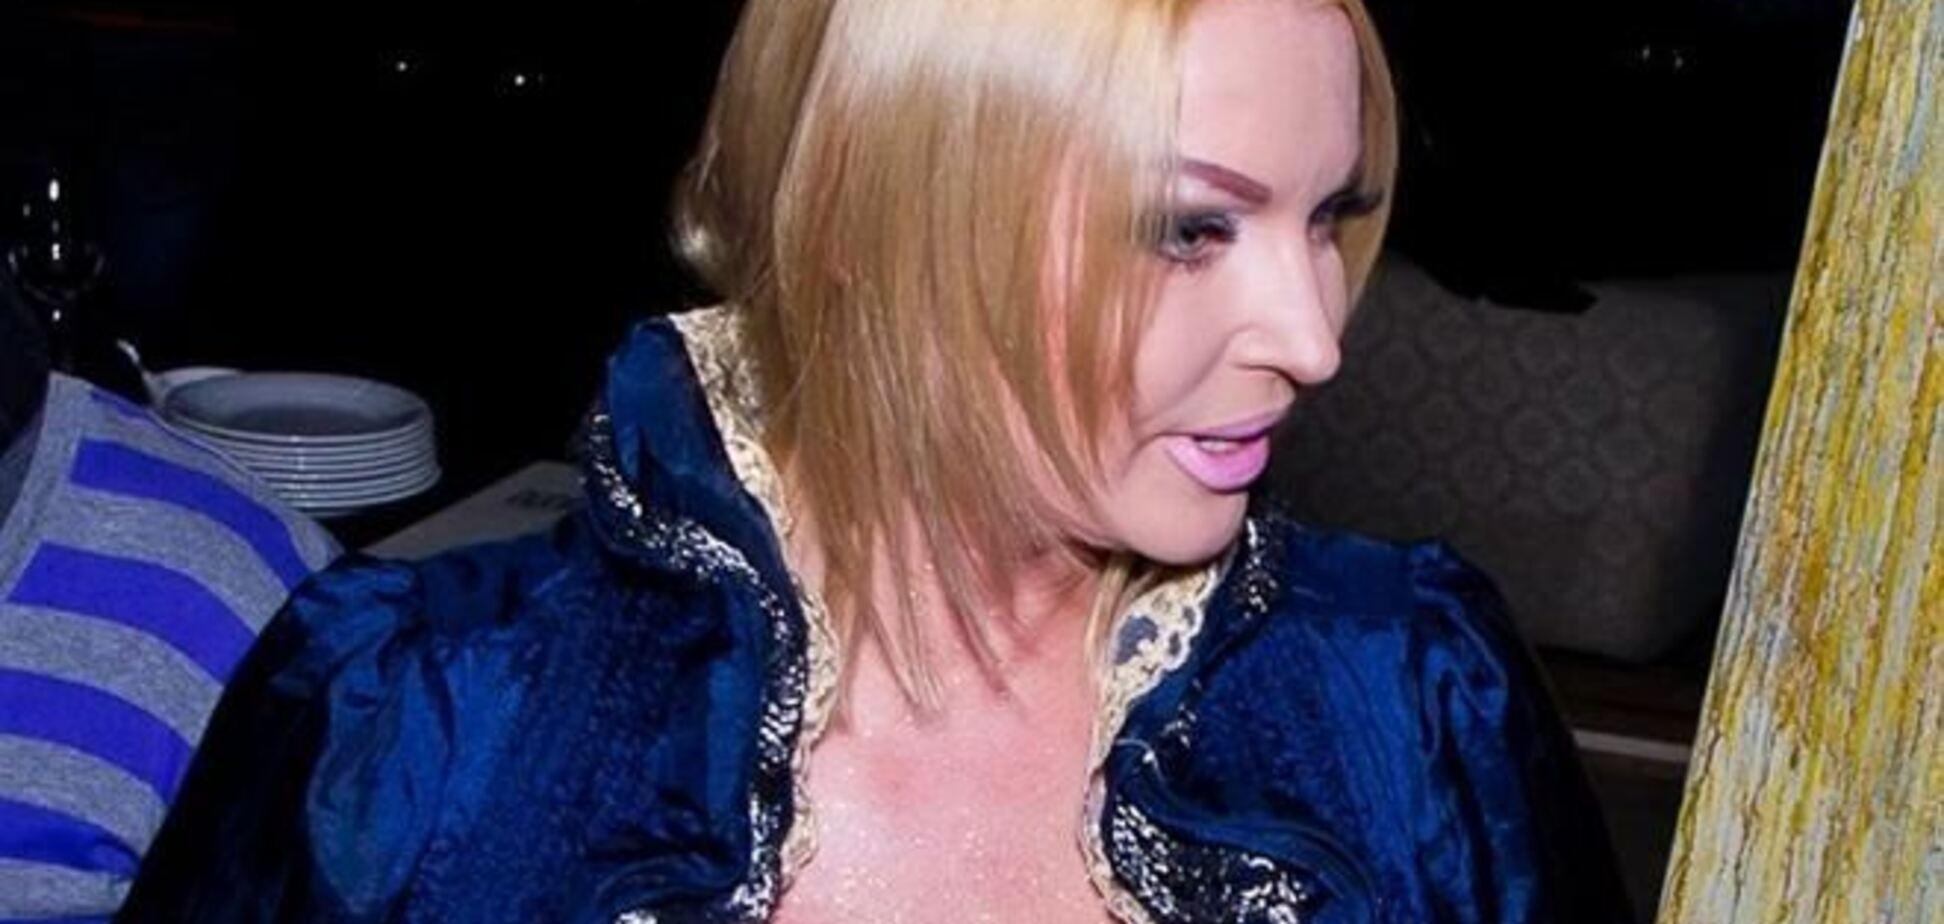 Волочкова показала фото в постели и без макияжа